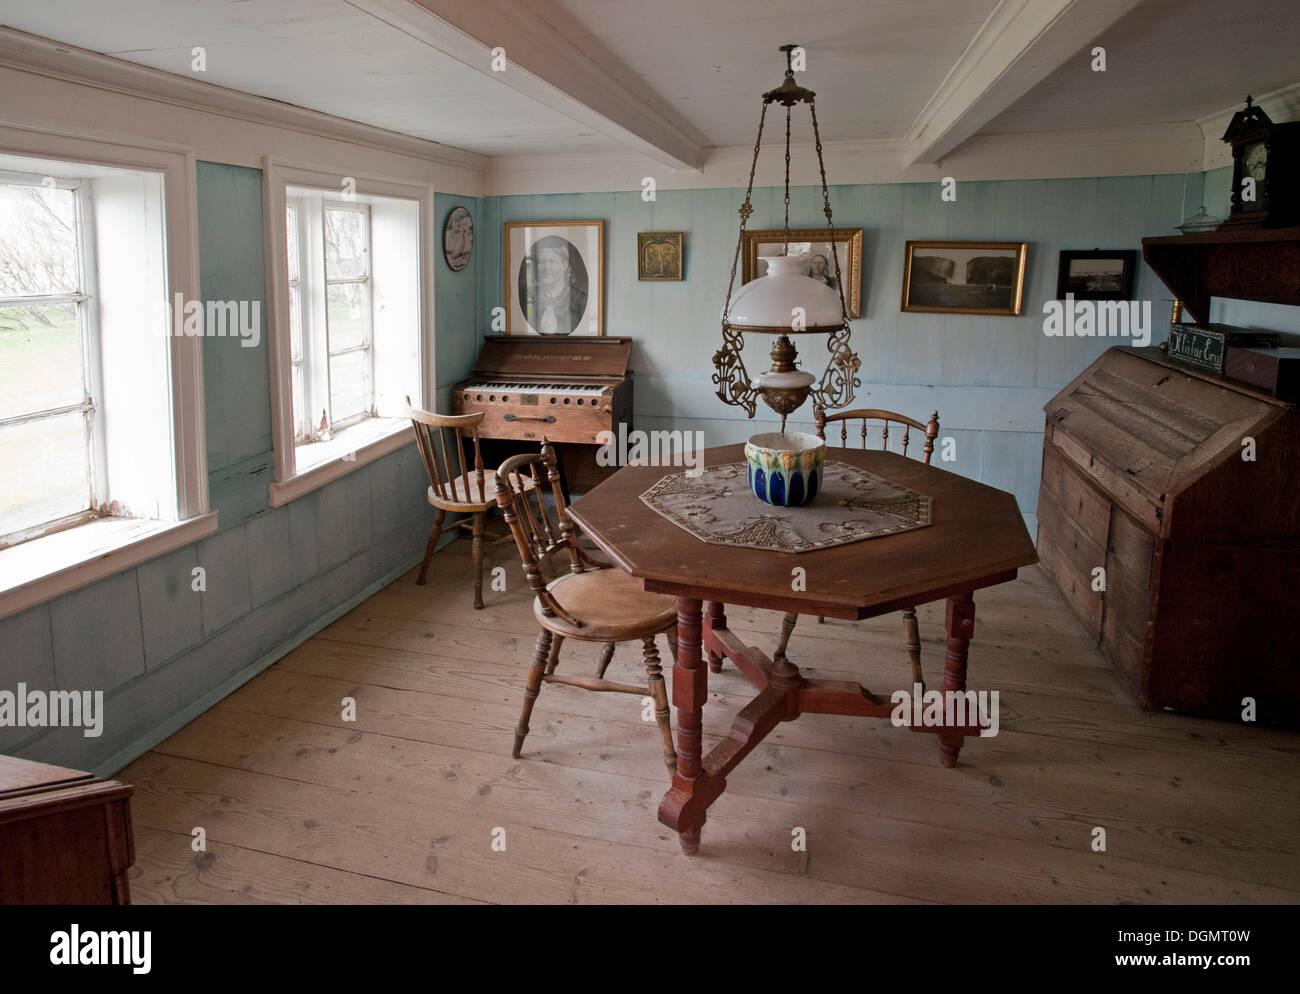 L Interieur D Une Vieille Maison De La Sod Dans Le Musee Skogar